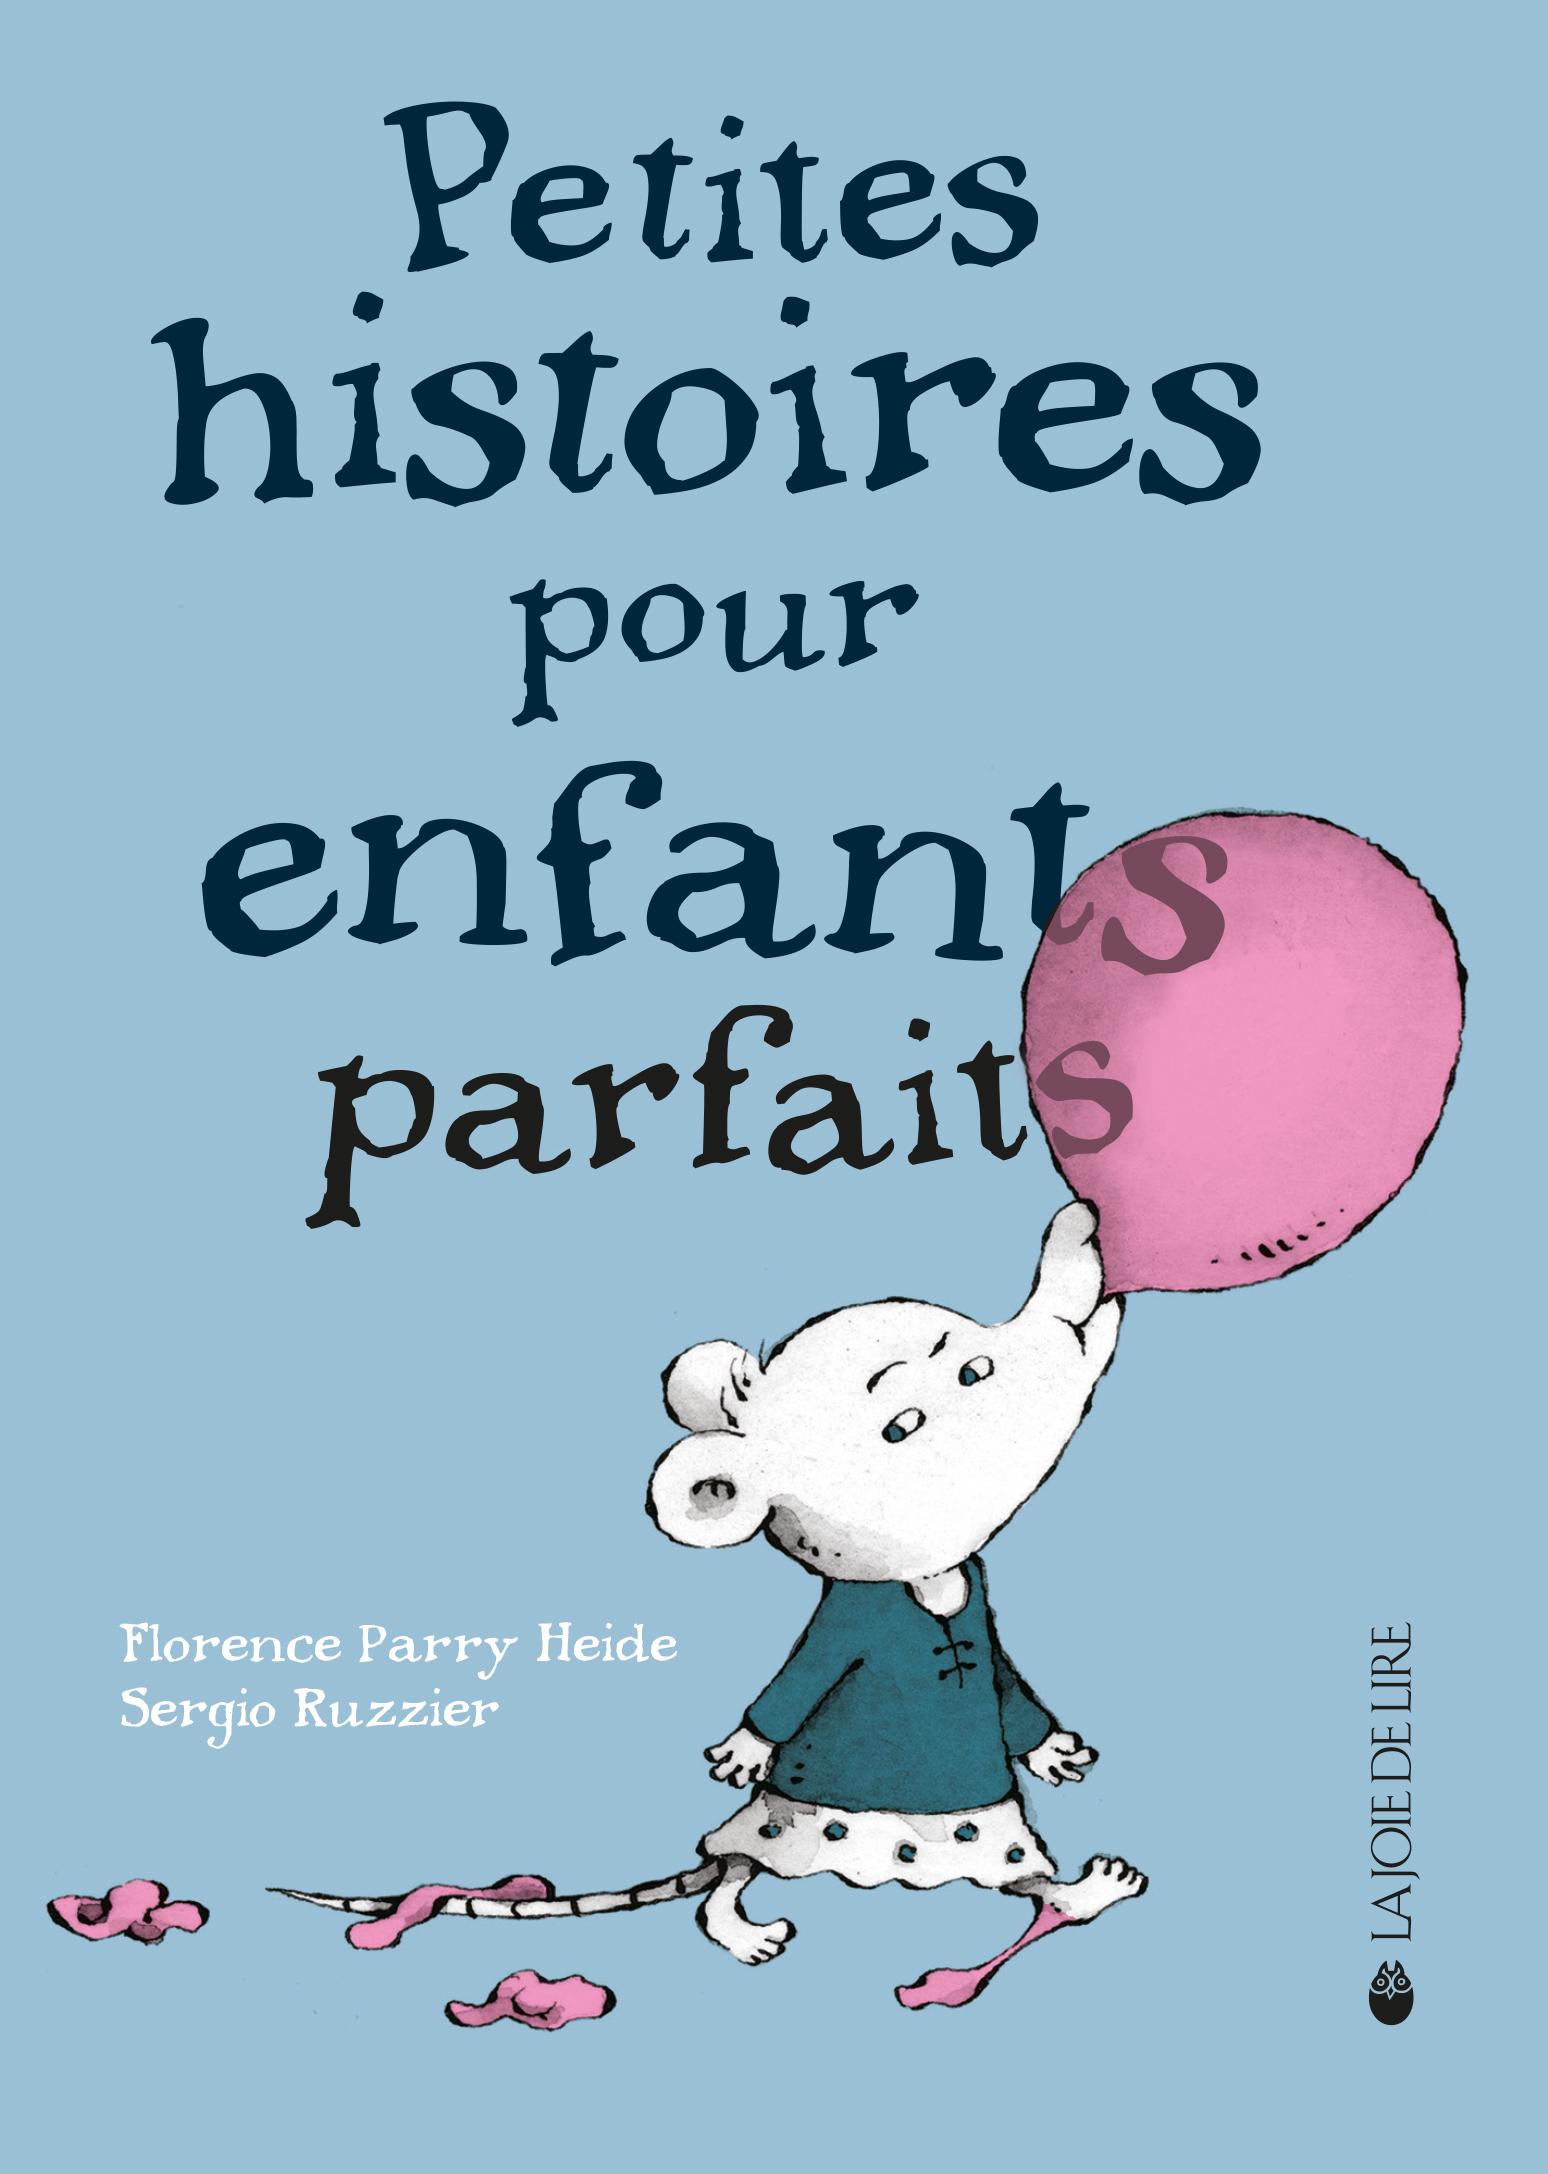 Histoire A Lire Pour Dormir : histoire, dormir, Petites, Histoires, Enfants, Parfaits